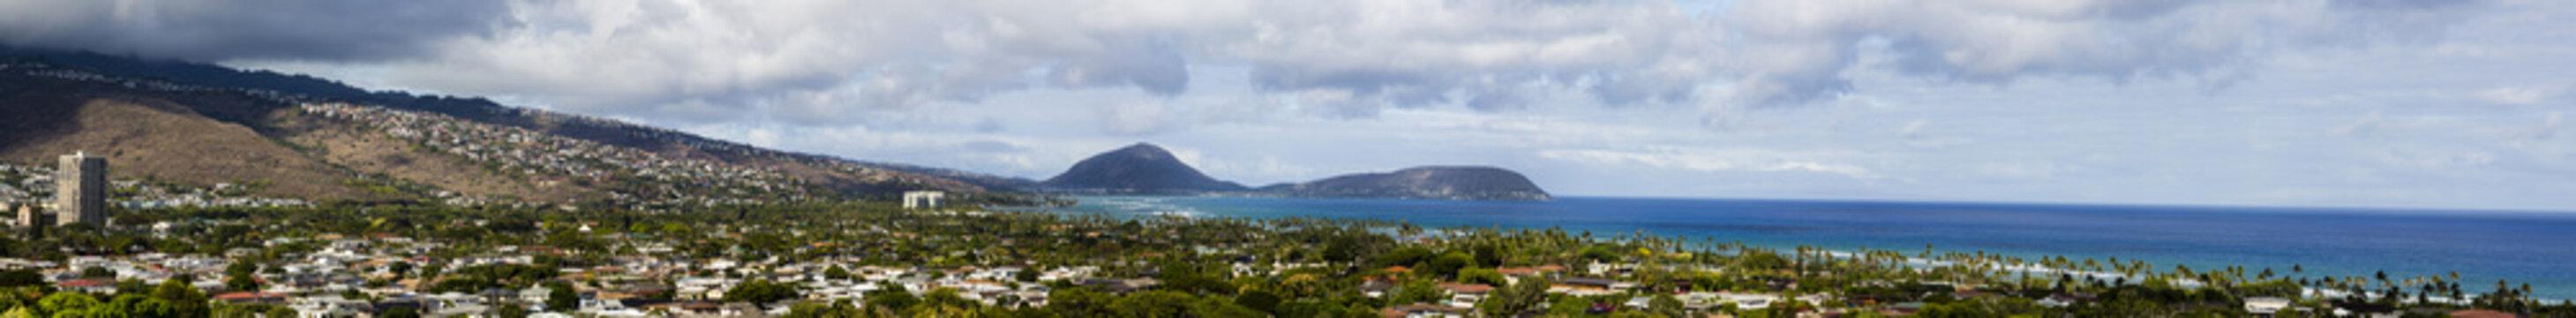 USA, Hawaii, Oahua, Lanikai Beach